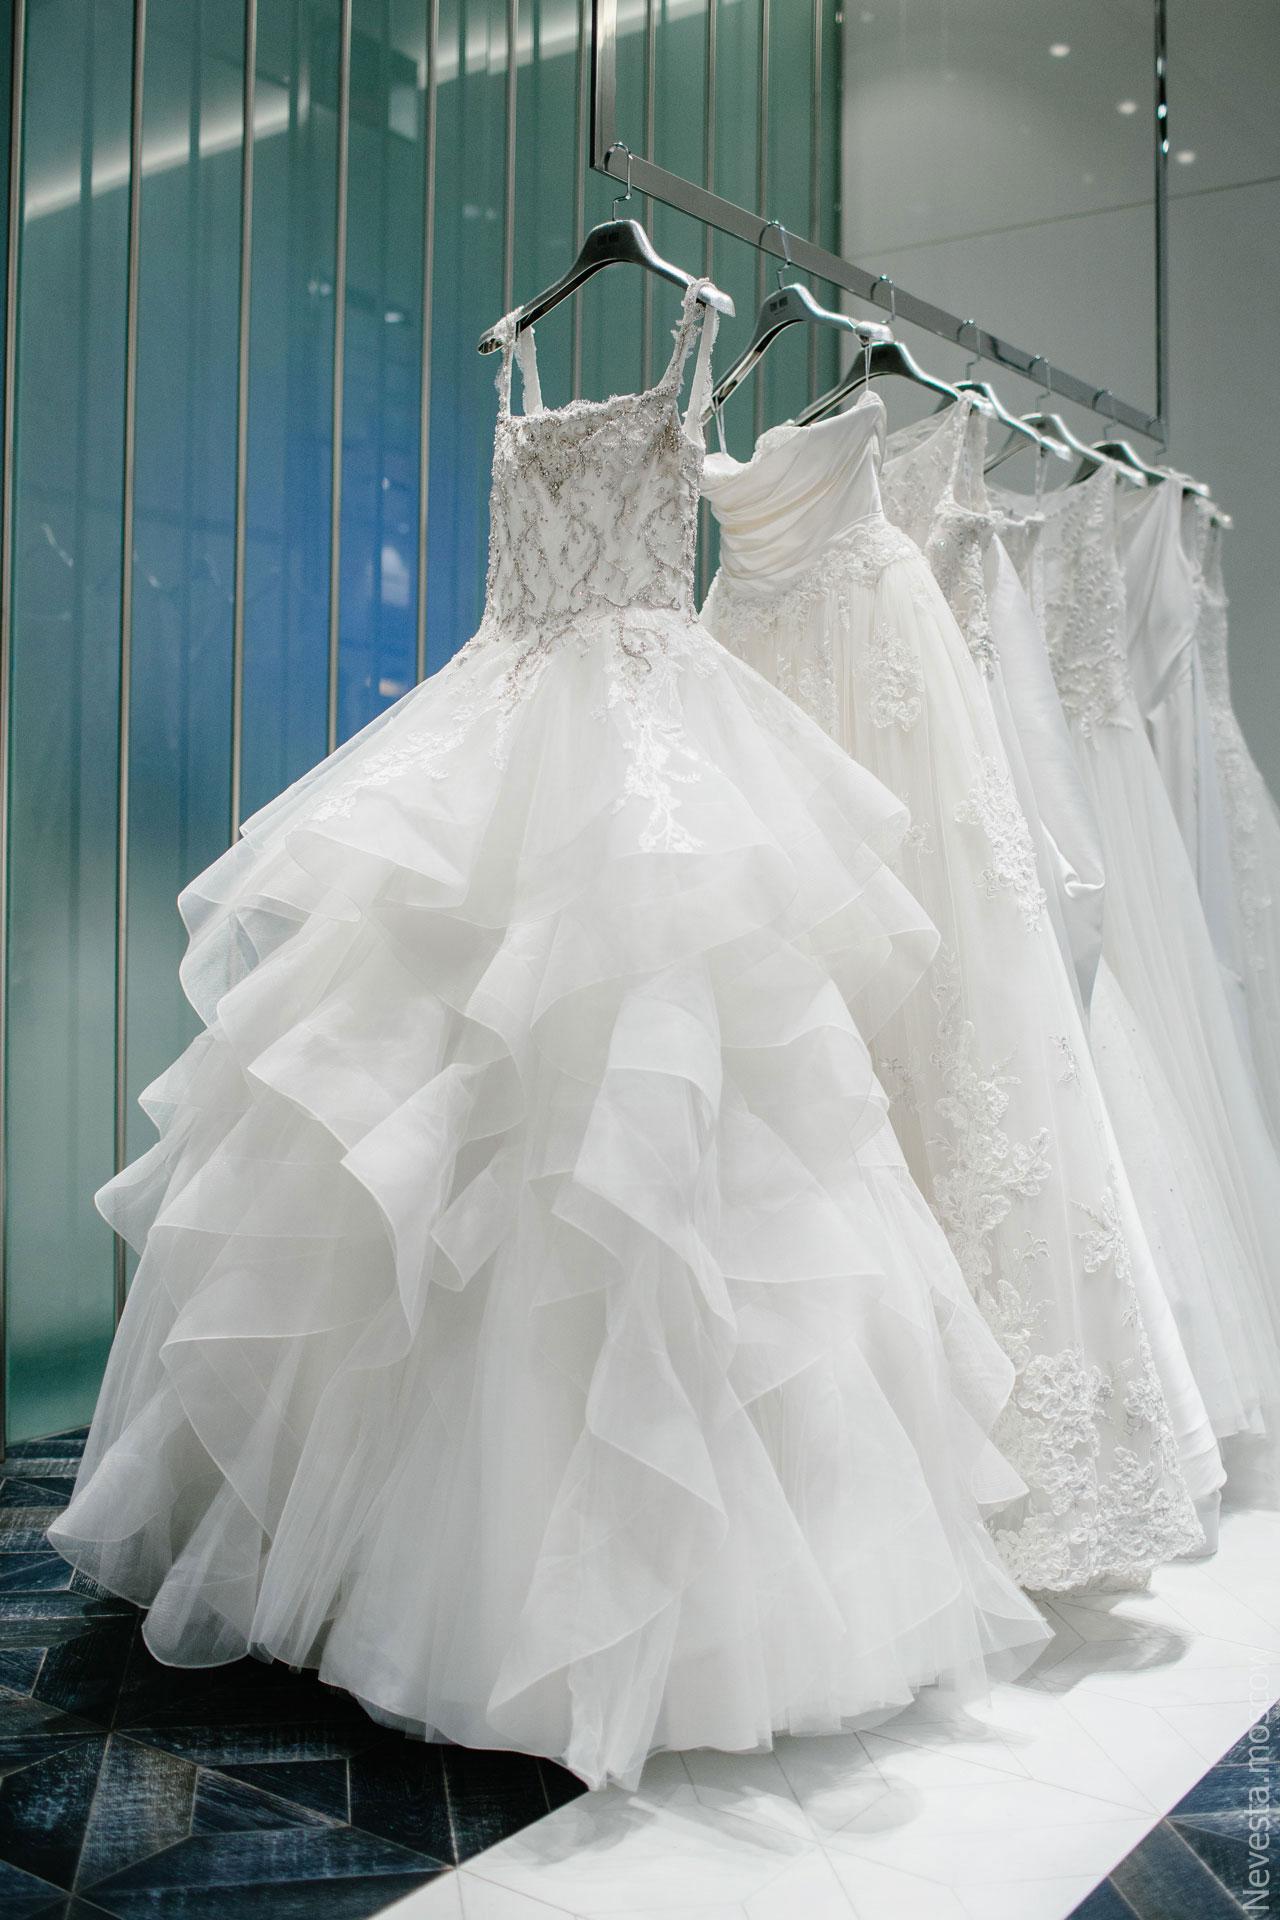 Юлианна Караулова примеряет образ для весенней свадьбы фото 7